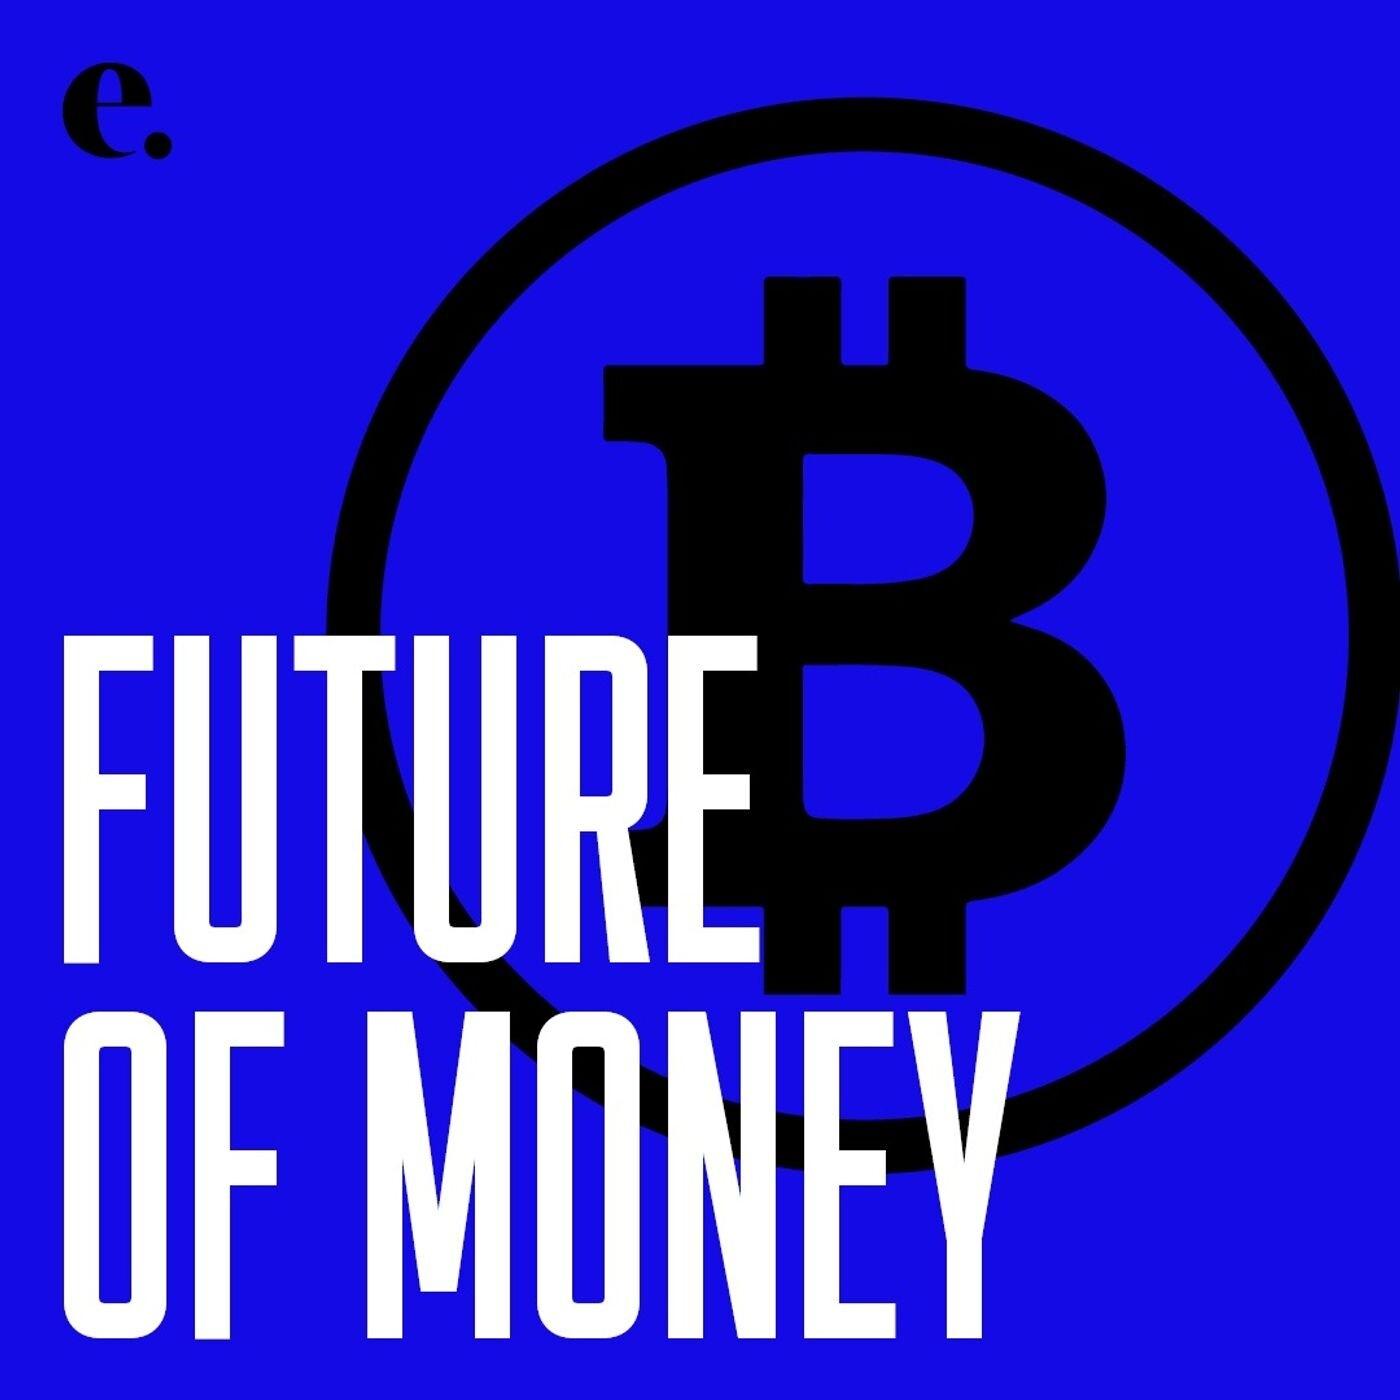 O bitcoin e os outros criptoativos já são regulados no Brasil? | FUTURE OF MONEY #004